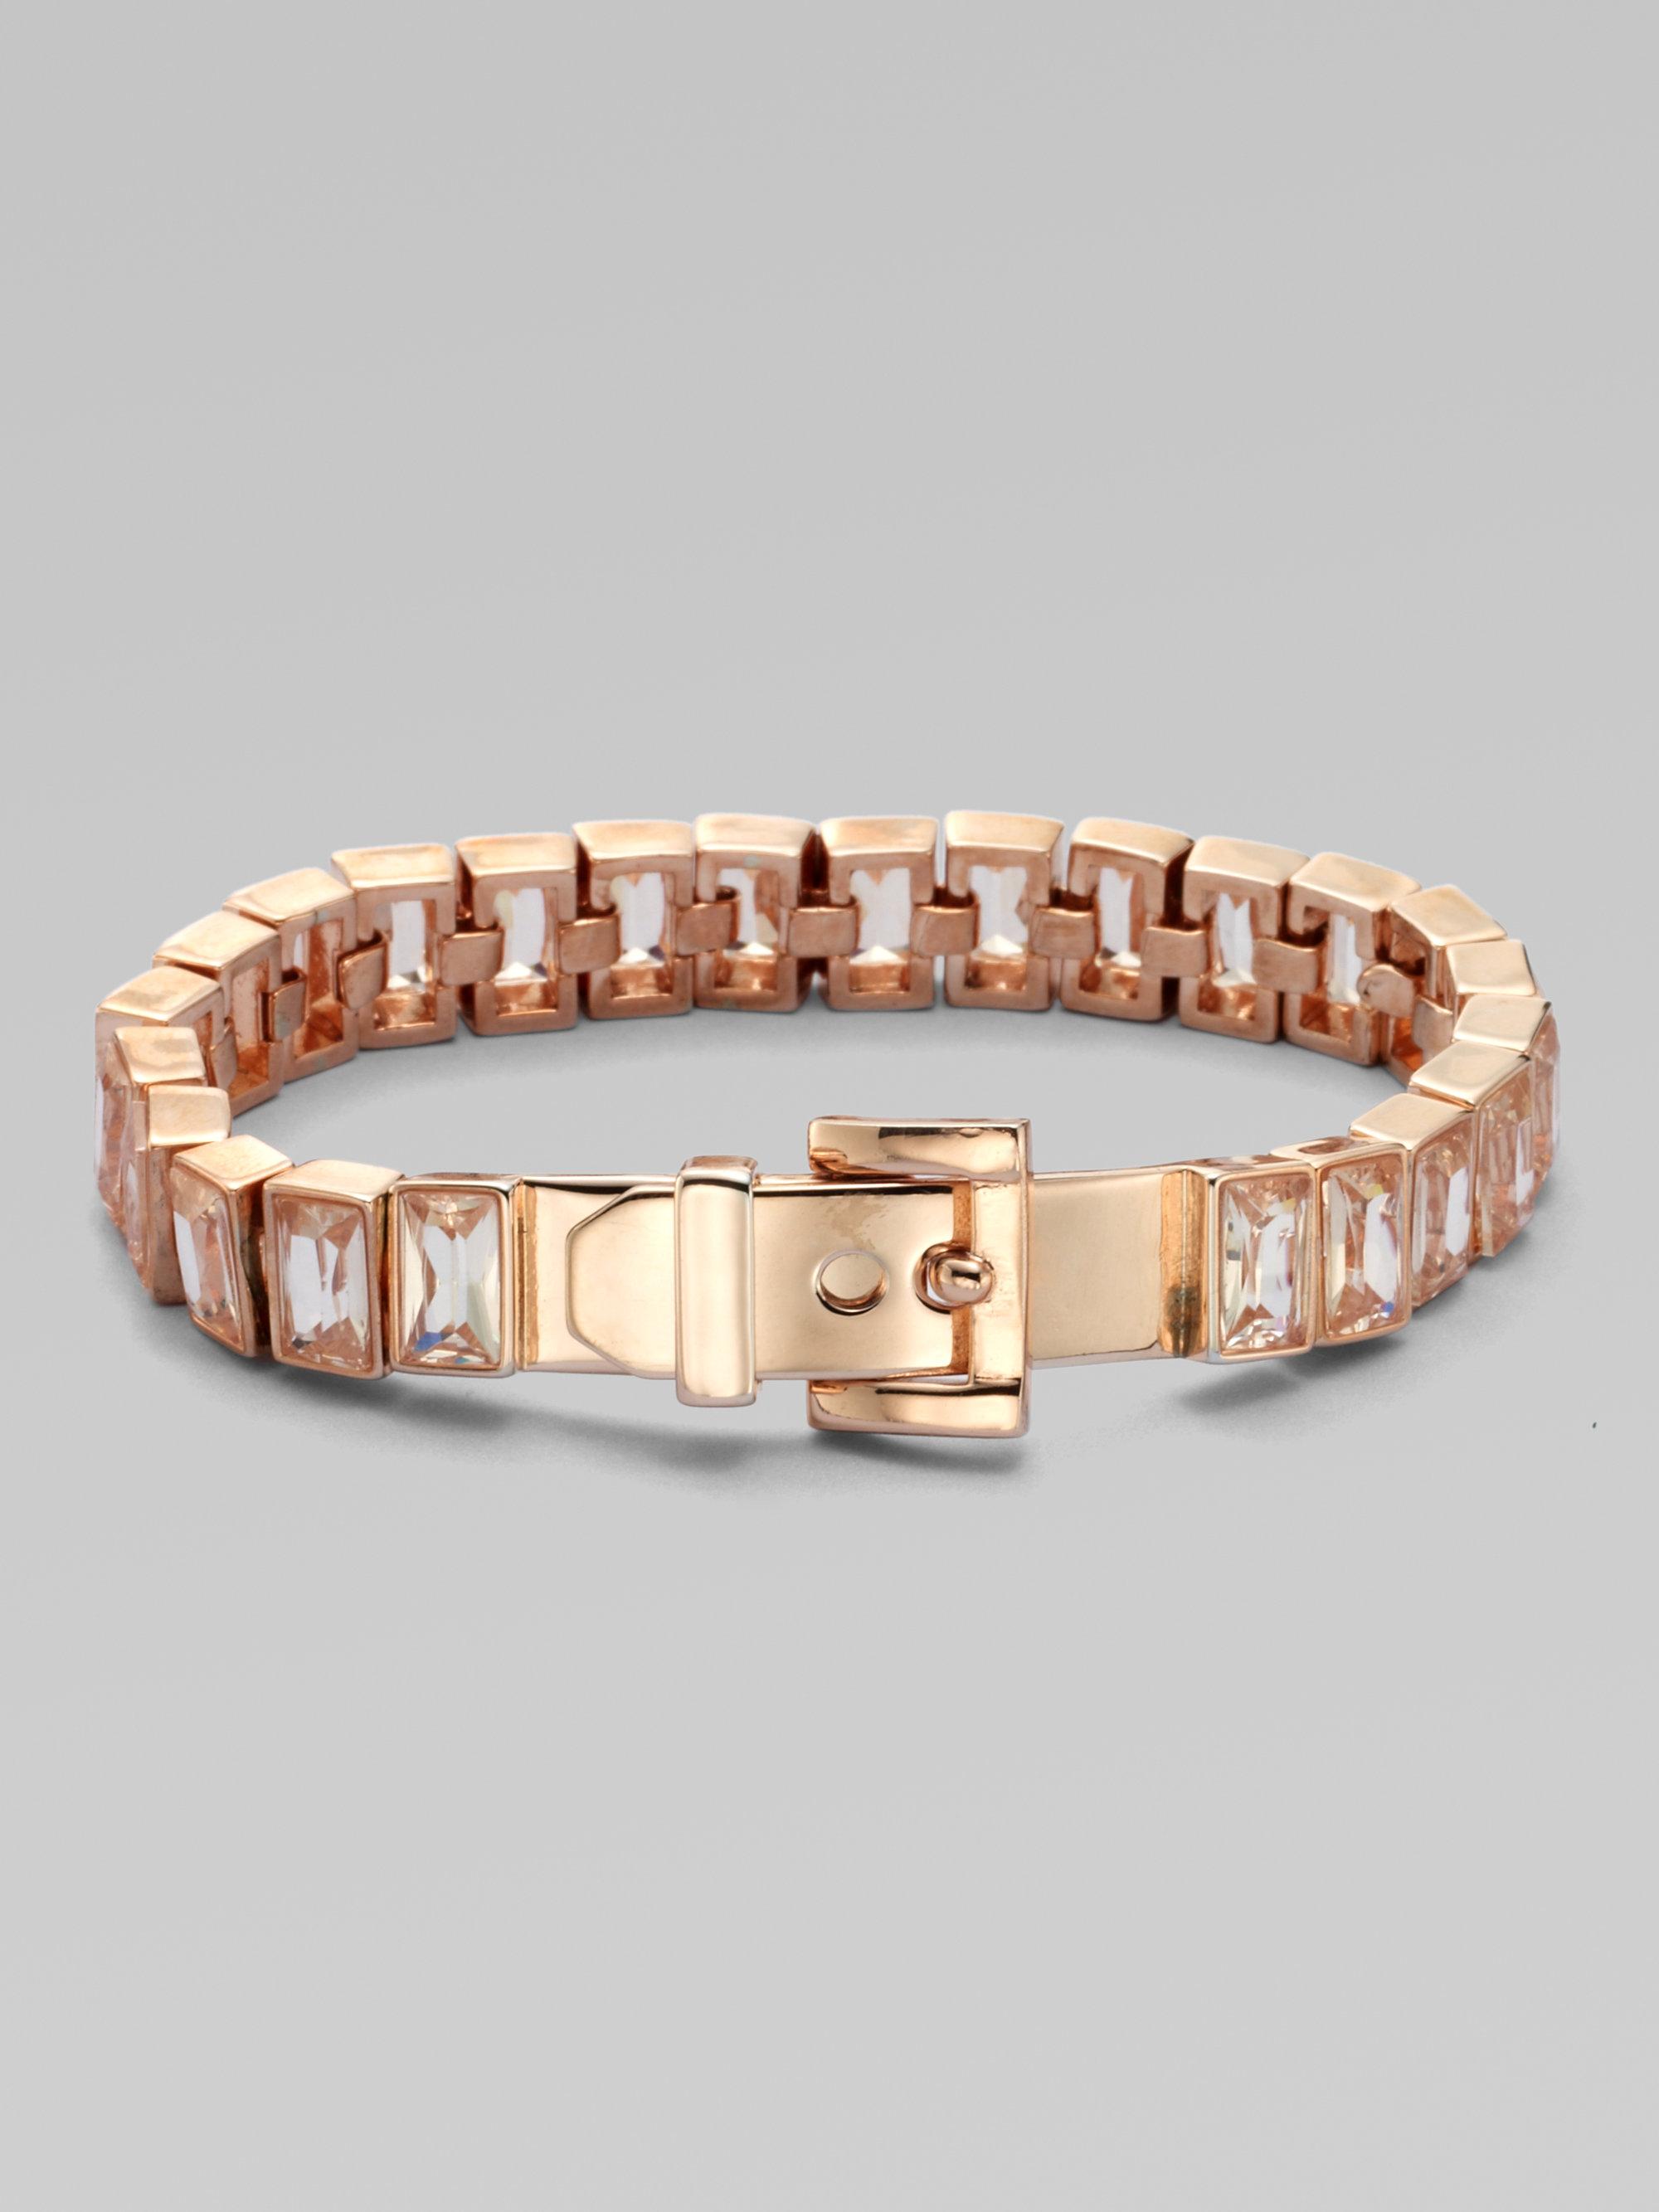 michael kors baguette stone tennis bracelet rose gold tone. Black Bedroom Furniture Sets. Home Design Ideas